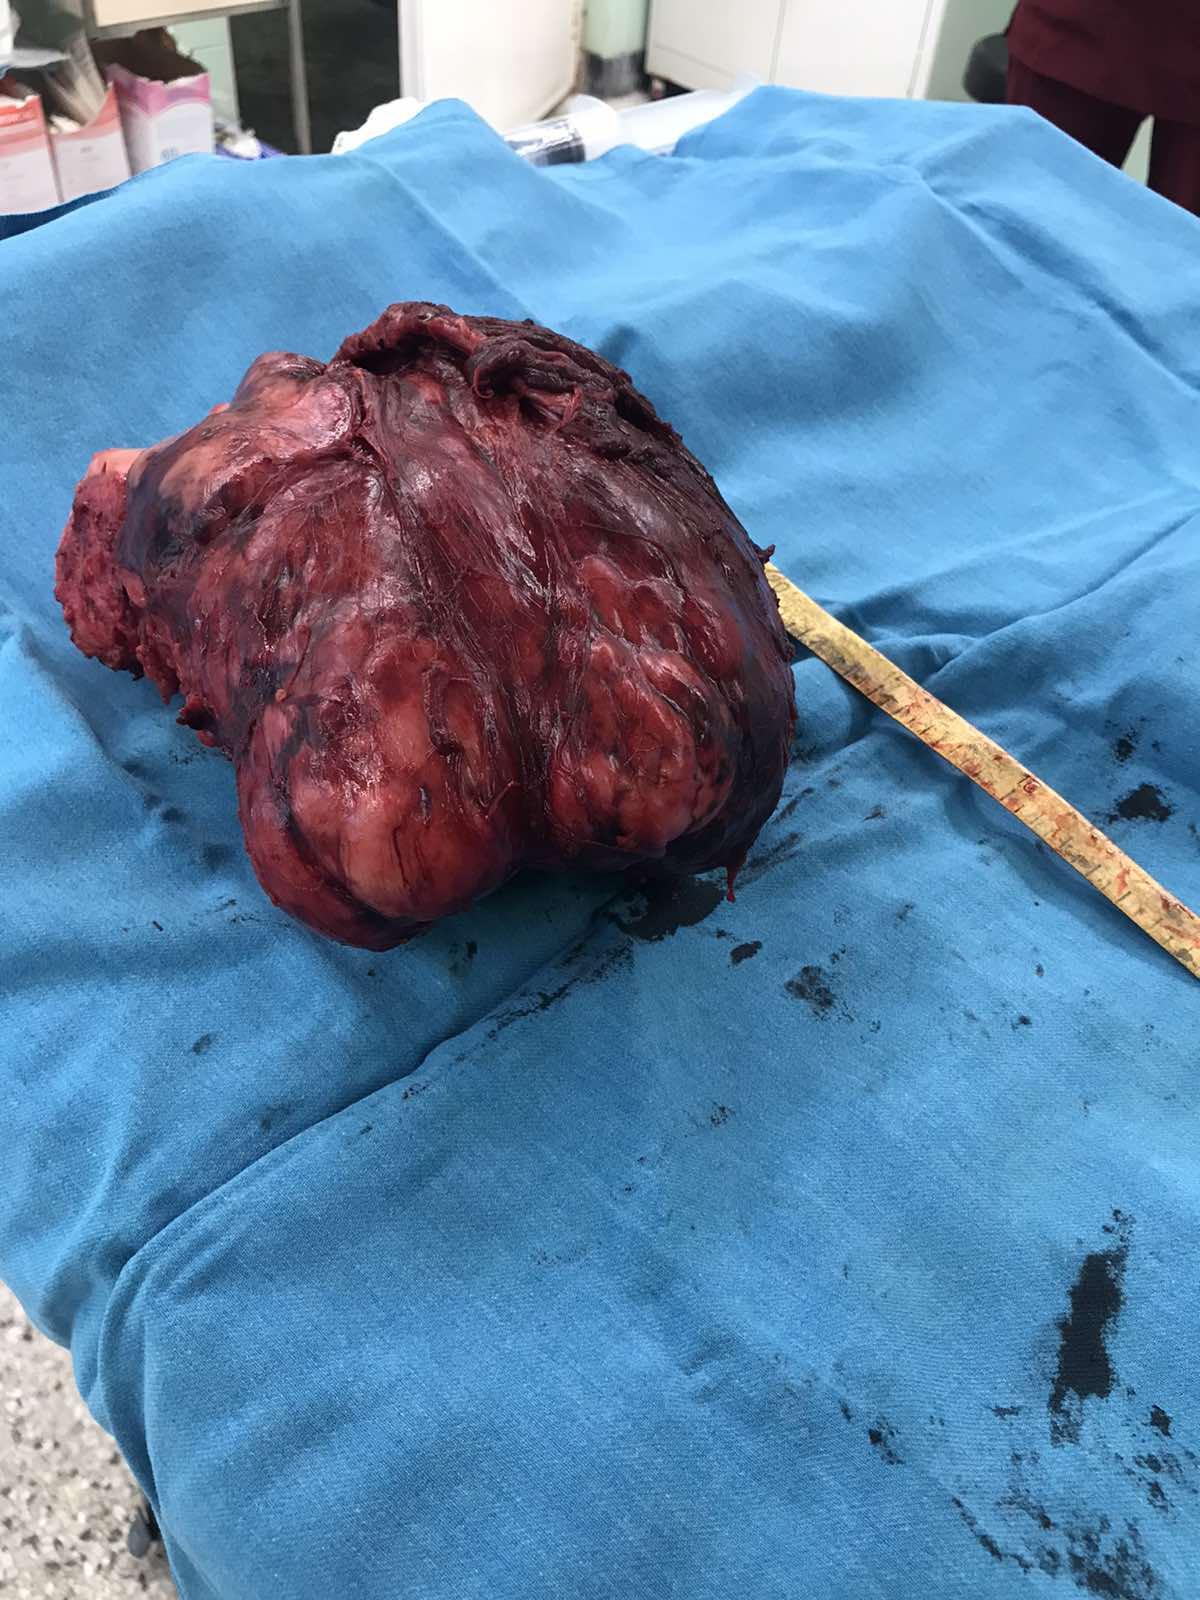 """Премахнаха тумор с размери на детска глава  от коляно на пациент в УМБАЛ """"Свети Георги"""""""